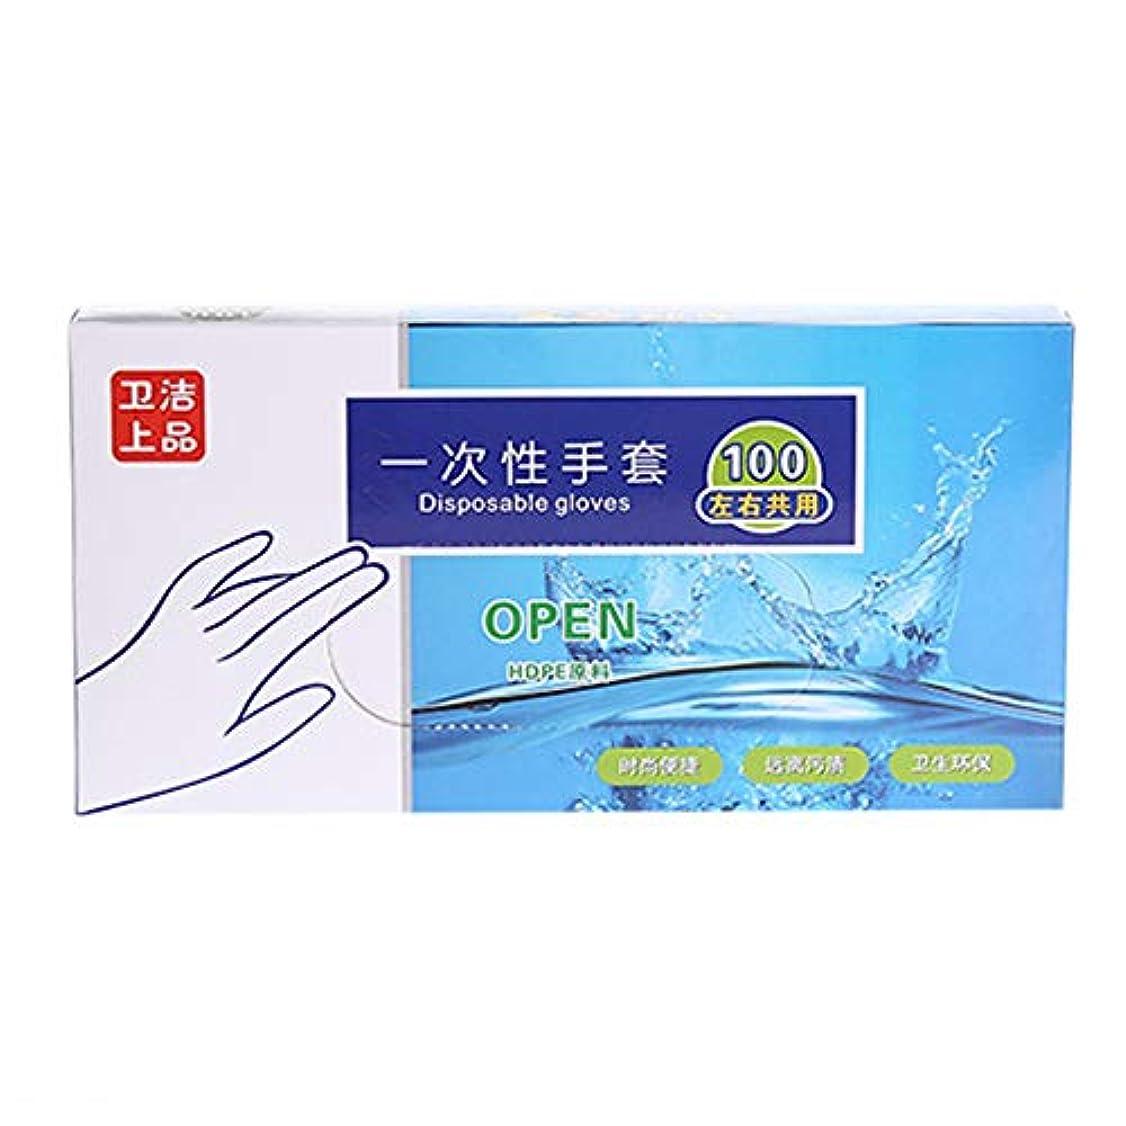 データベース従来のフィクション使い捨て手袋 100枚 2パック 入フリーサイズ グローブ ポリエチレン手袋 左右兼用 ポリエチレン PE 実用 衛生 調理 清掃 染髪